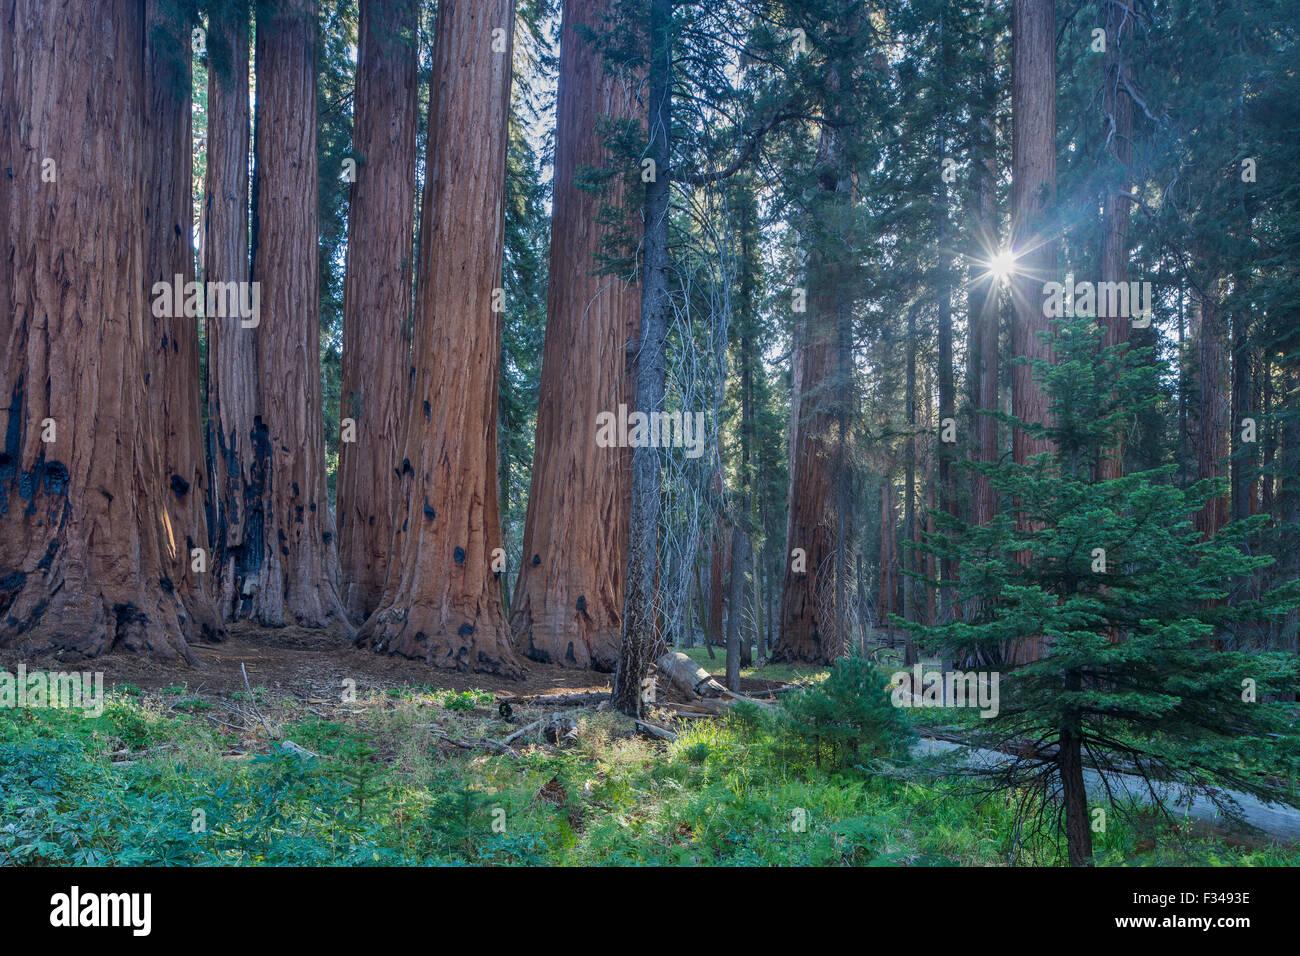 Le Groupe sénatorial d'arbres Séquoia géant sur la piste du Congrès à Sequoia National Park, Californie, USA Banque D'Images